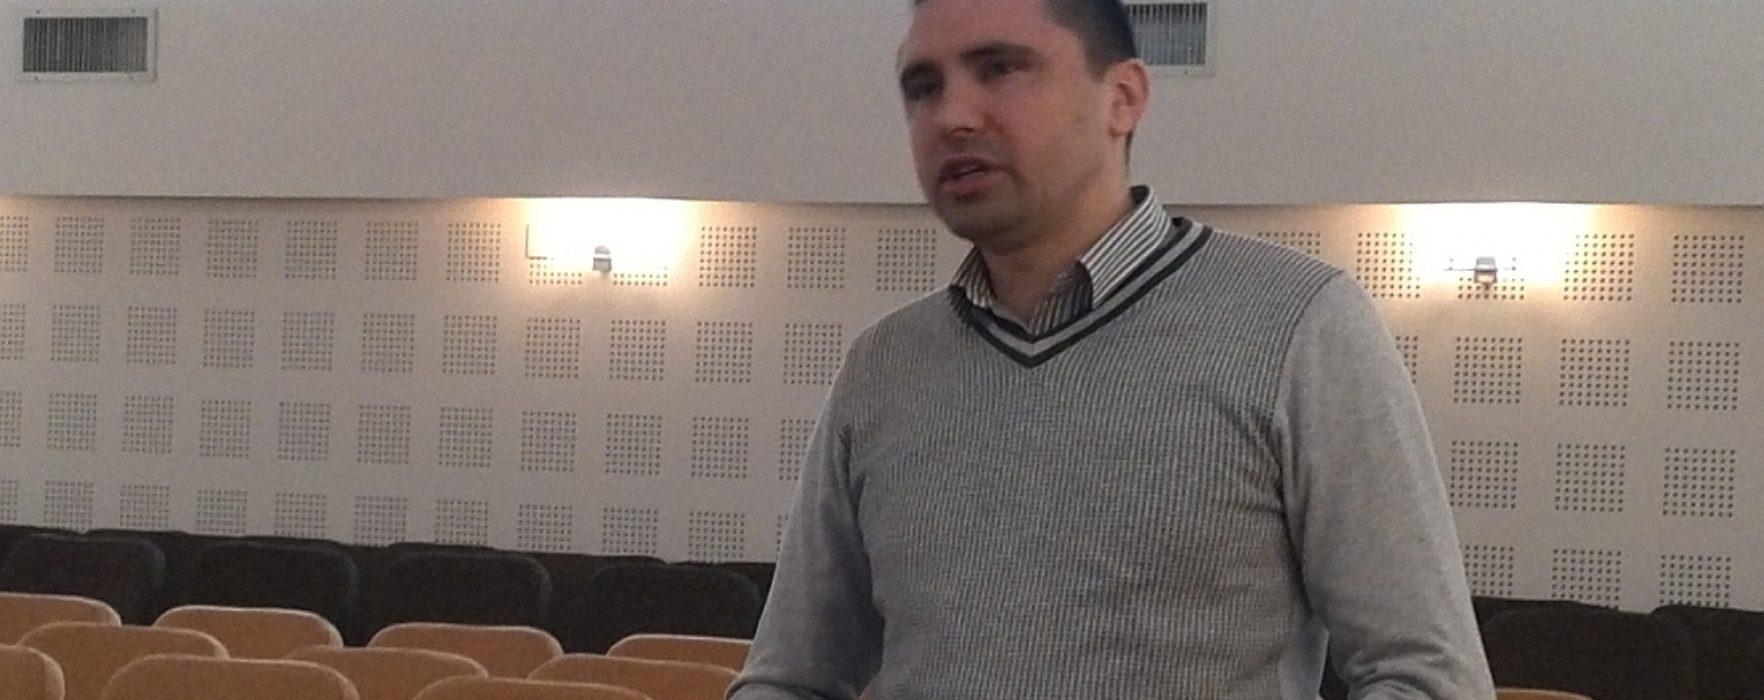 Ionuţ Eduard Beju, director interimar la Eco Sal 2005 Târgovişte